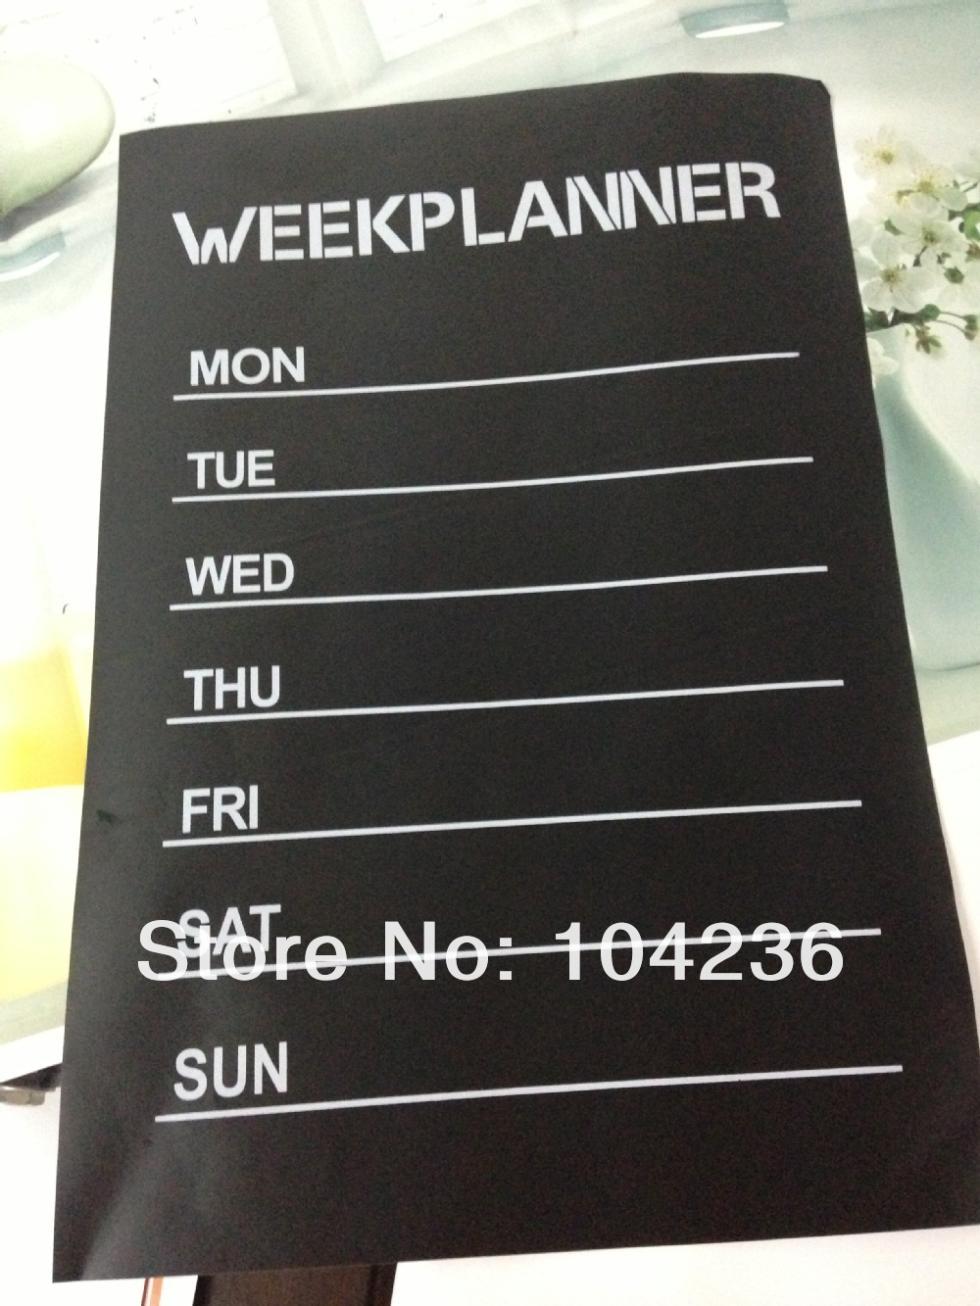 Koop week planner krijtbord stickers for Woonkamer planner